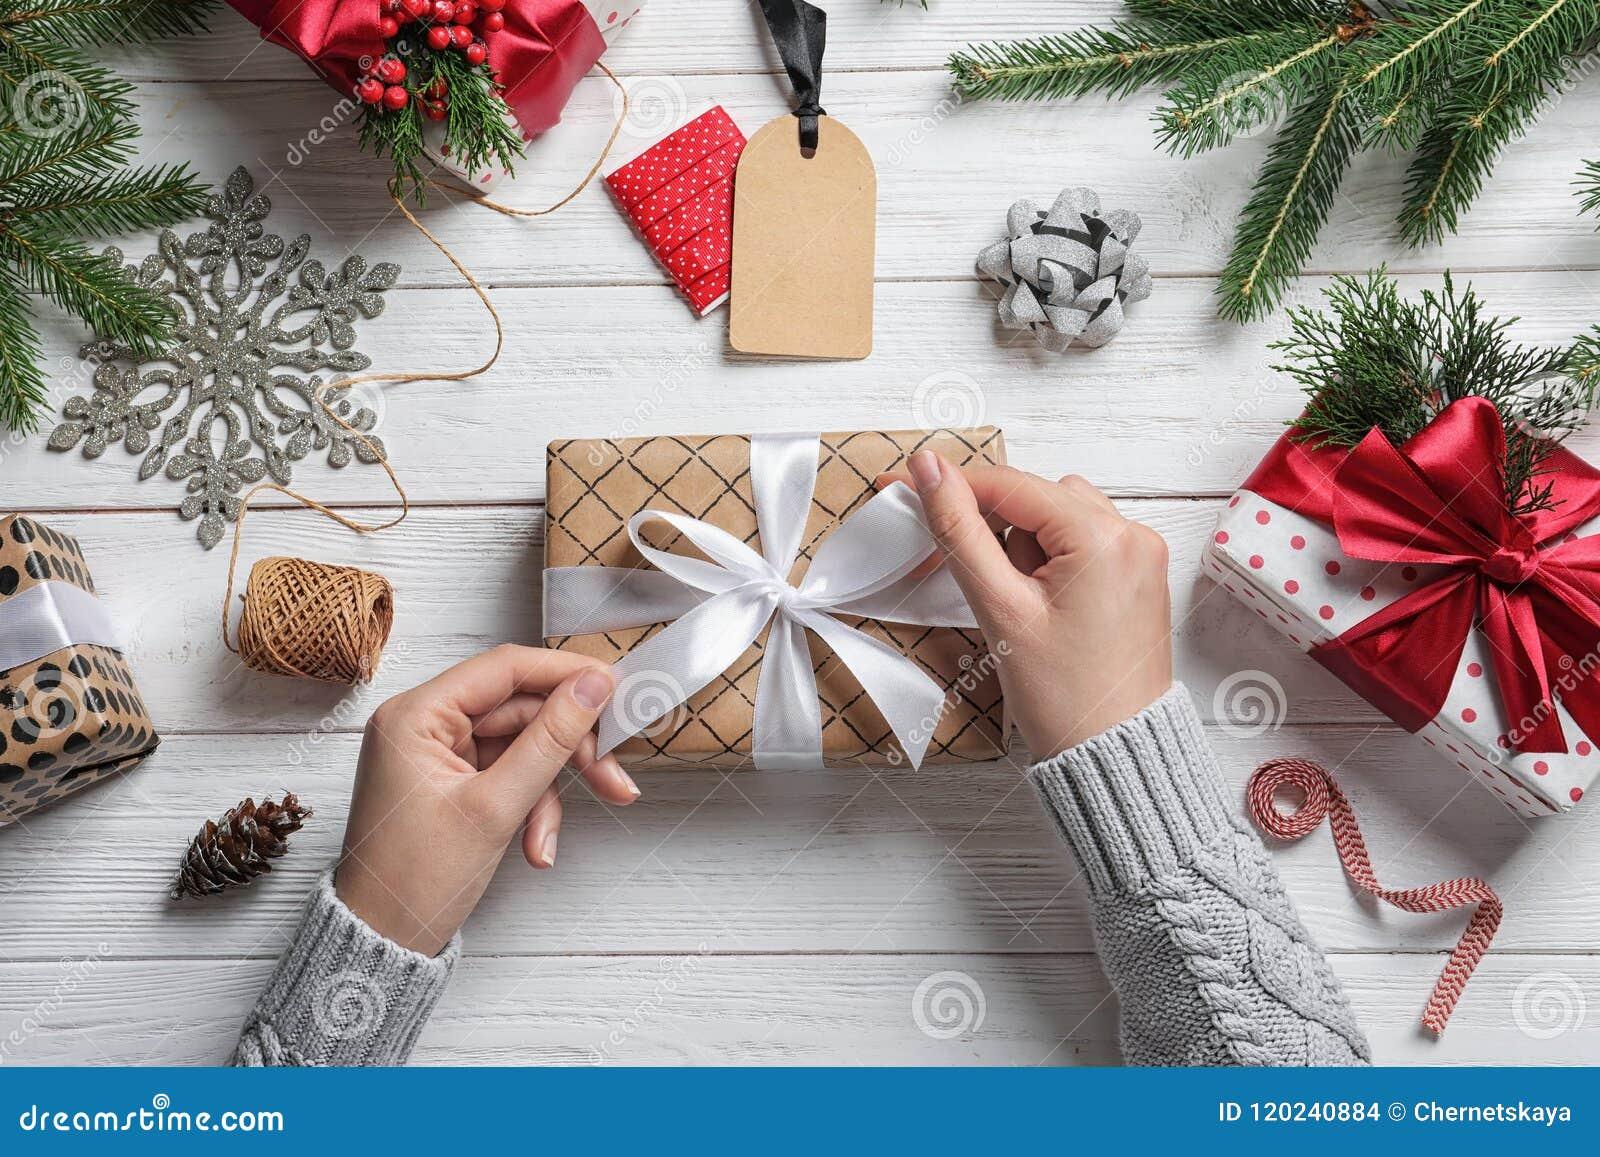 包裹圣诞节礼物的妇女在木桌上